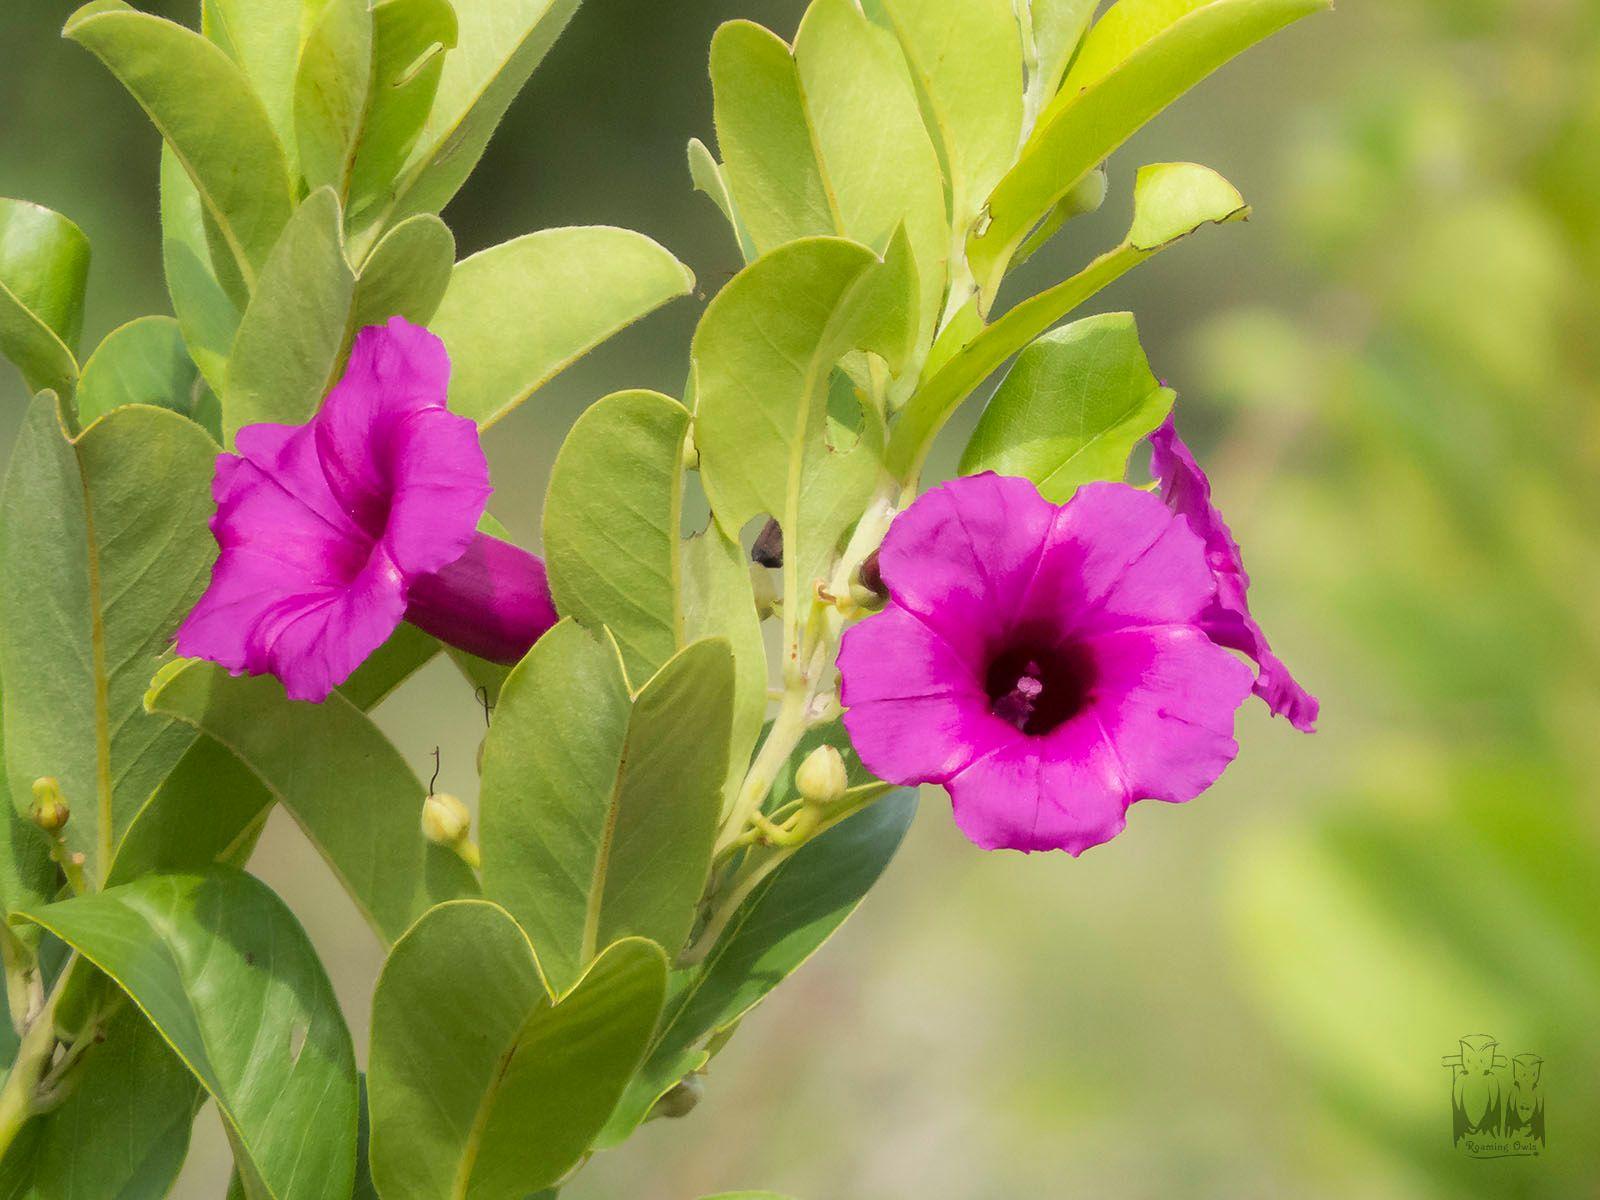 மைசூர் அர்கிரியா,Mysore Argyreia,Mysore wildflower,karnataka flora